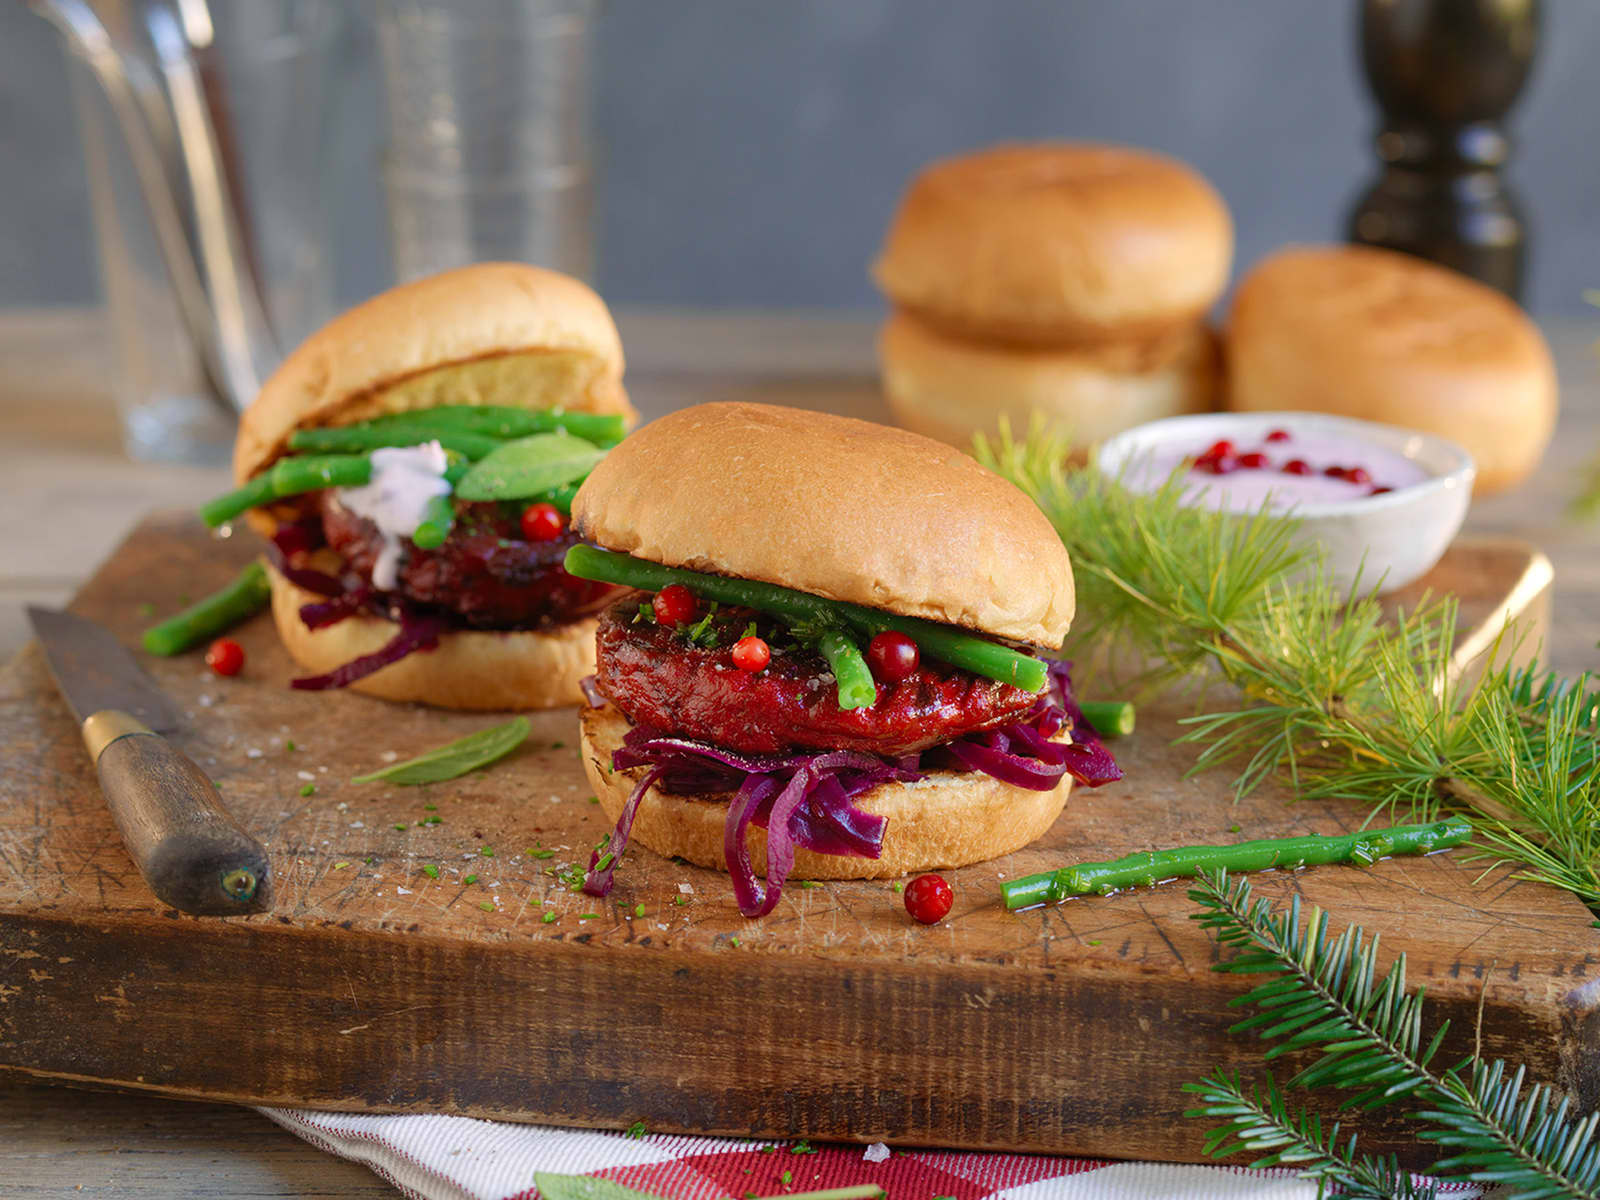 Rødbetburger med aspargesbønner og rødkål